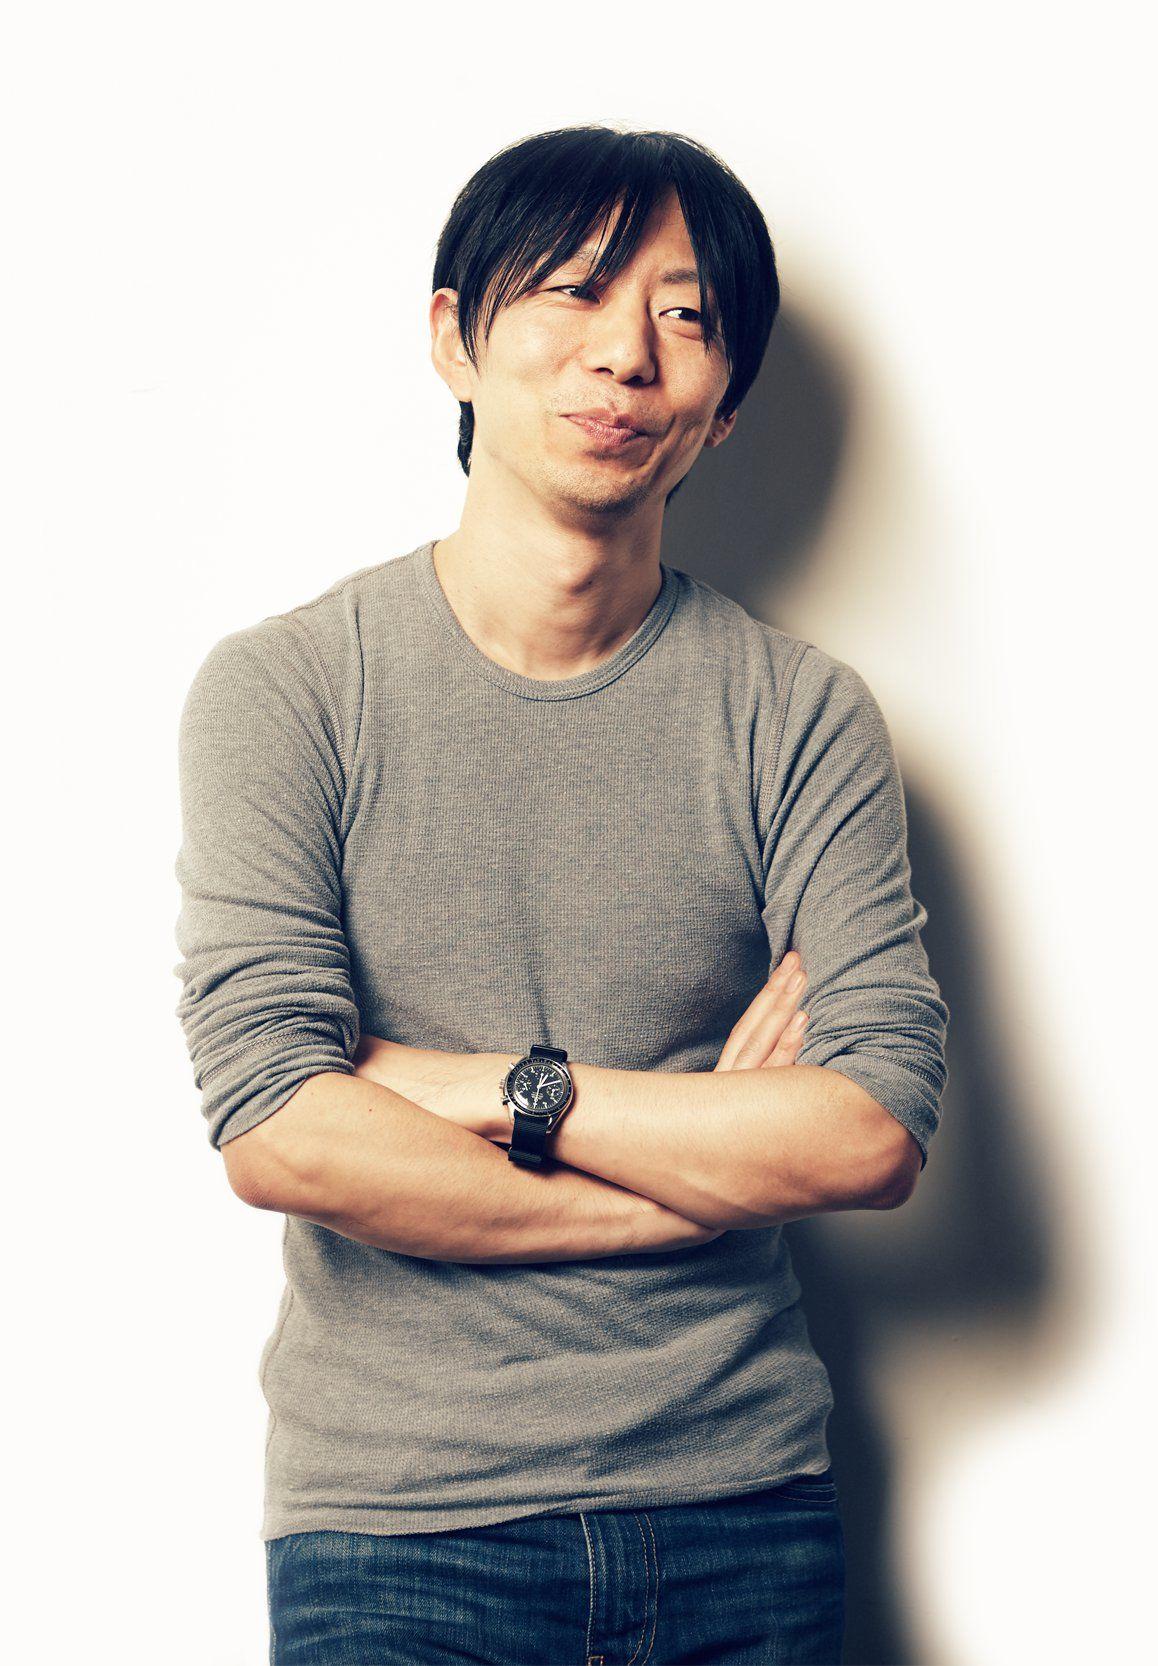 Kosho Ueshima